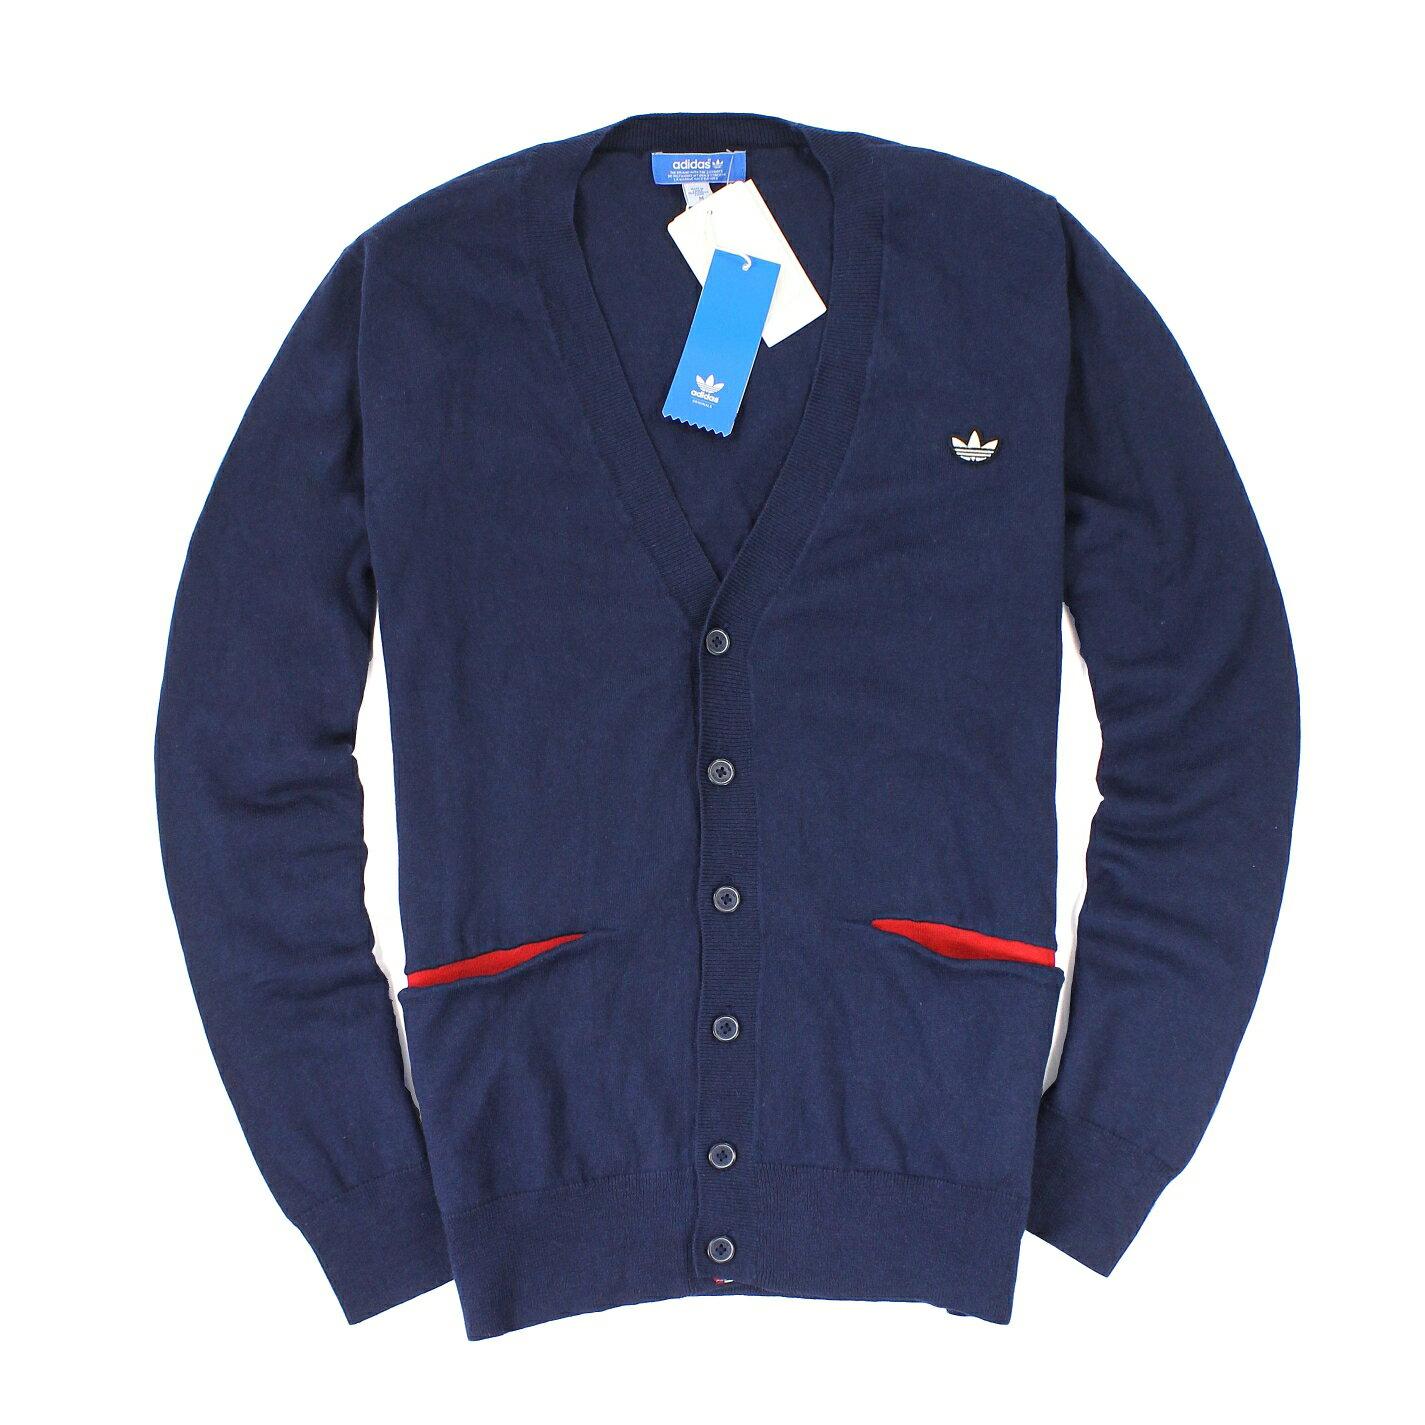 美國百分百【全新真品】Adidas 針織衫 線衫 外套 罩衫 上衣 愛迪達 深藍 三葉草 羊毛 口袋 男 M A239